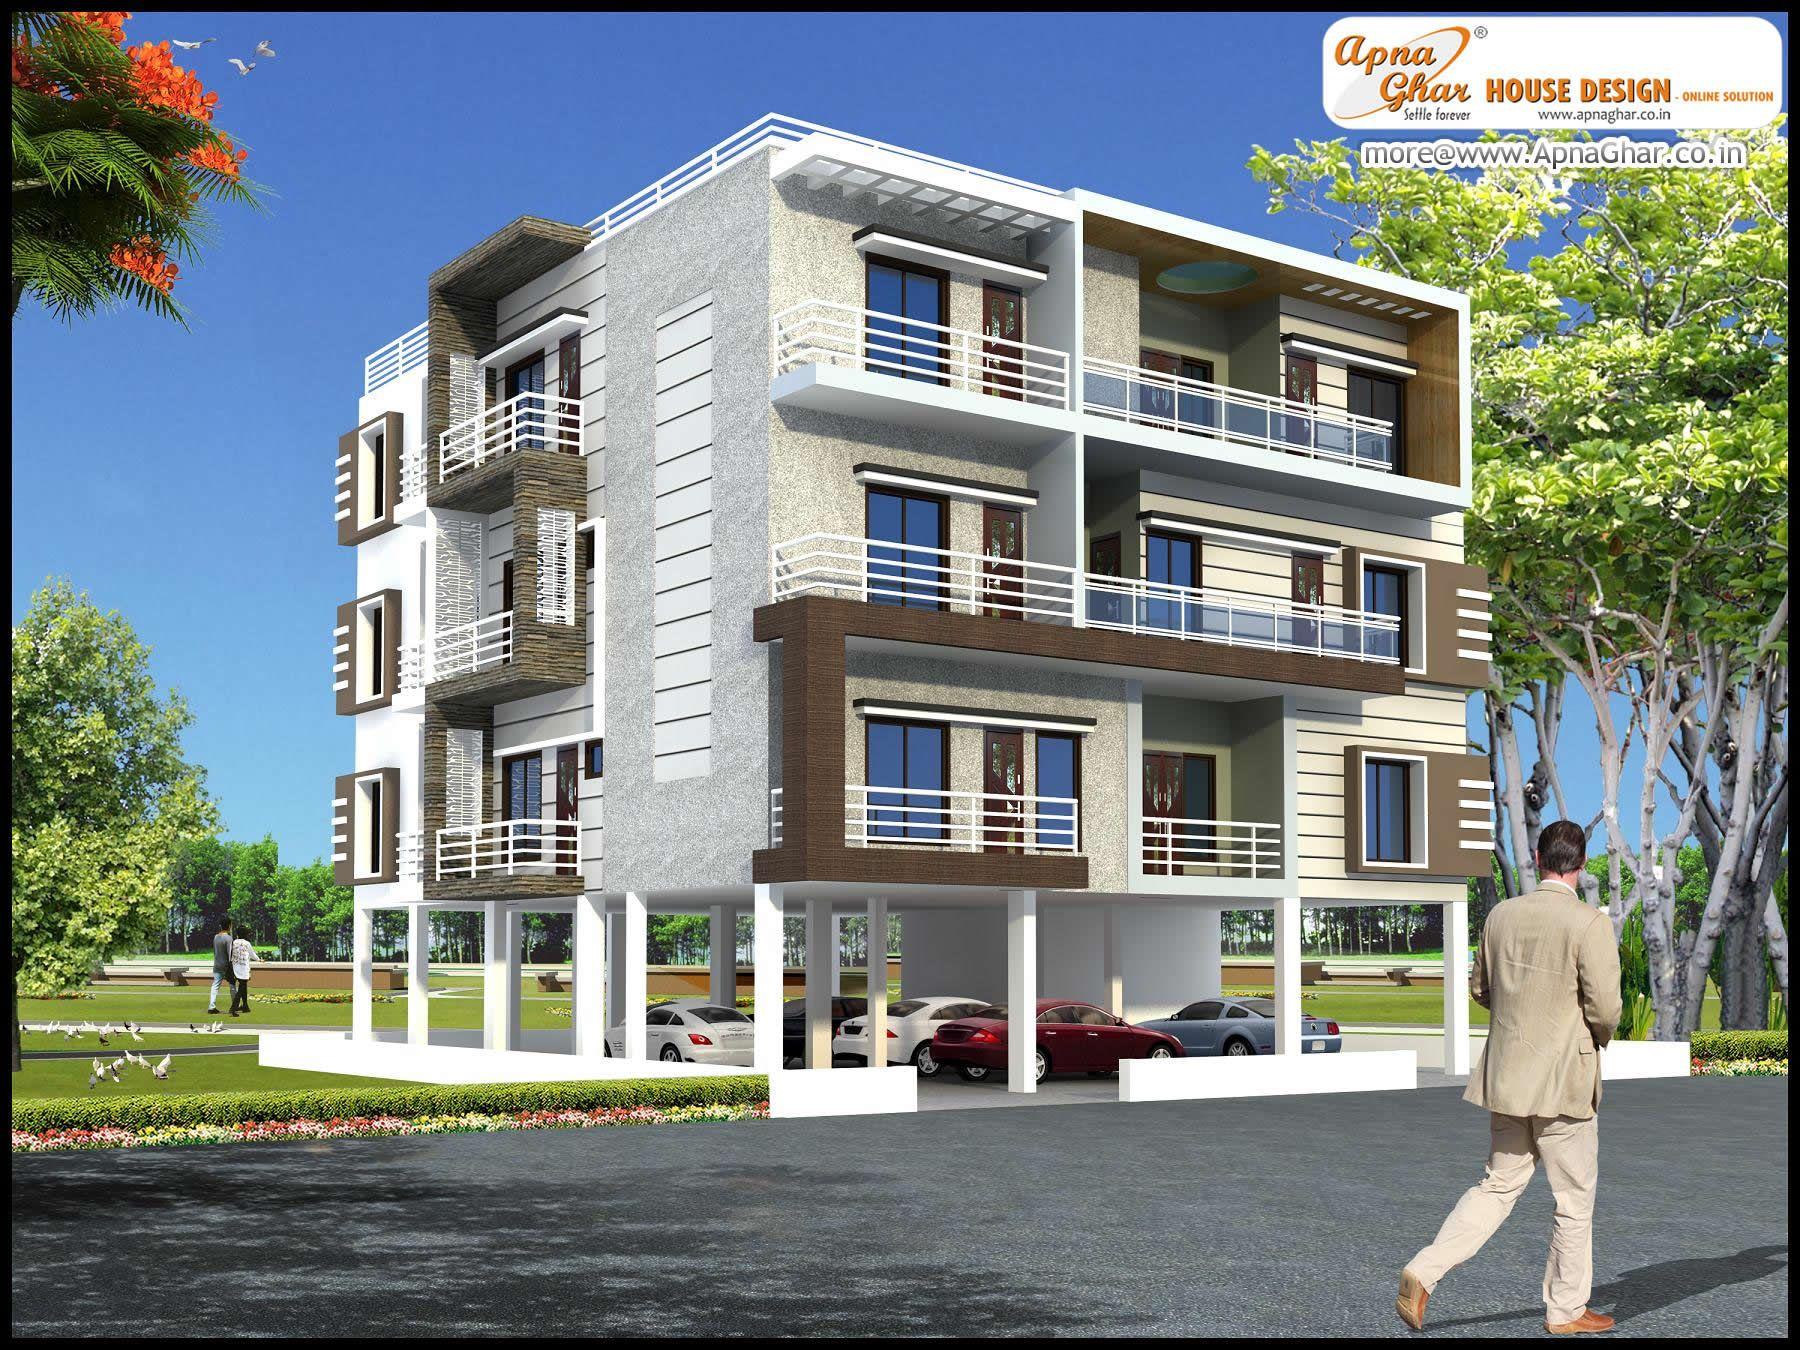 Pin By Apnaghar On Apanghar House Designs Modern Apartment Design